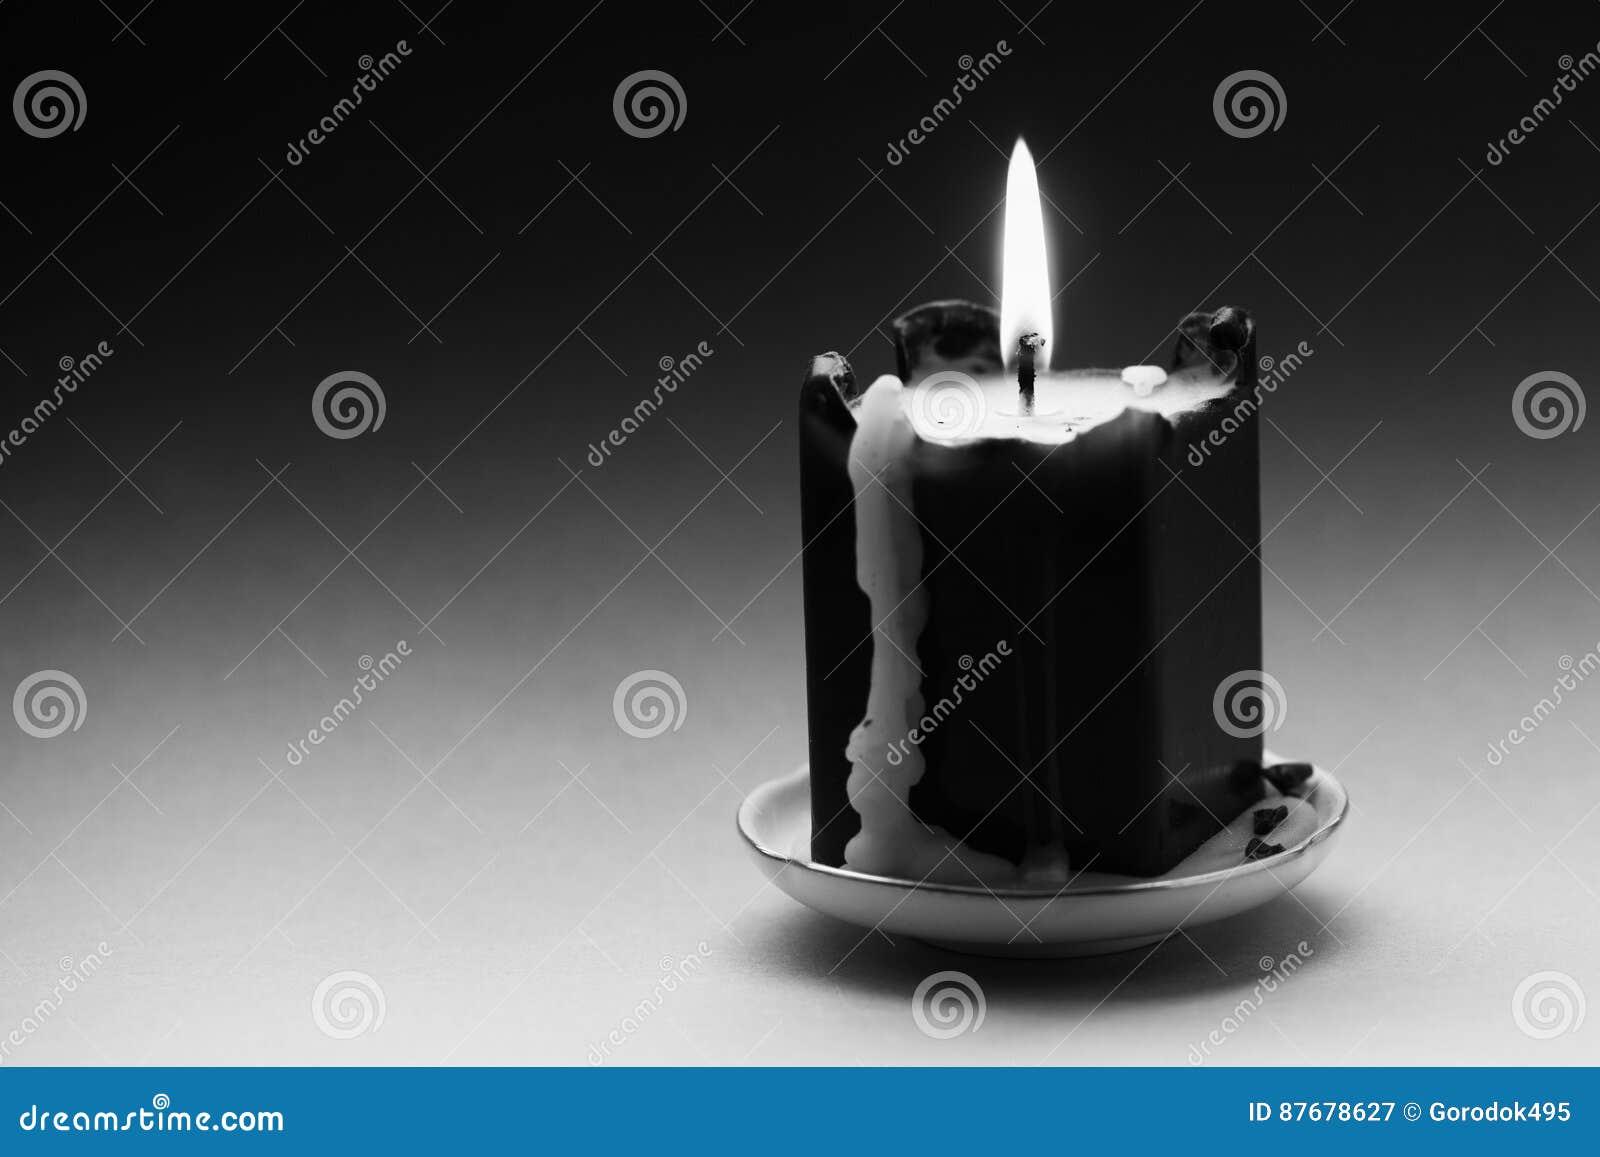 Zwarte witte fotografiekaars met een vlam en druppels Lawaaierig filmeffect beeld Ondiepe Diepte van Gebied